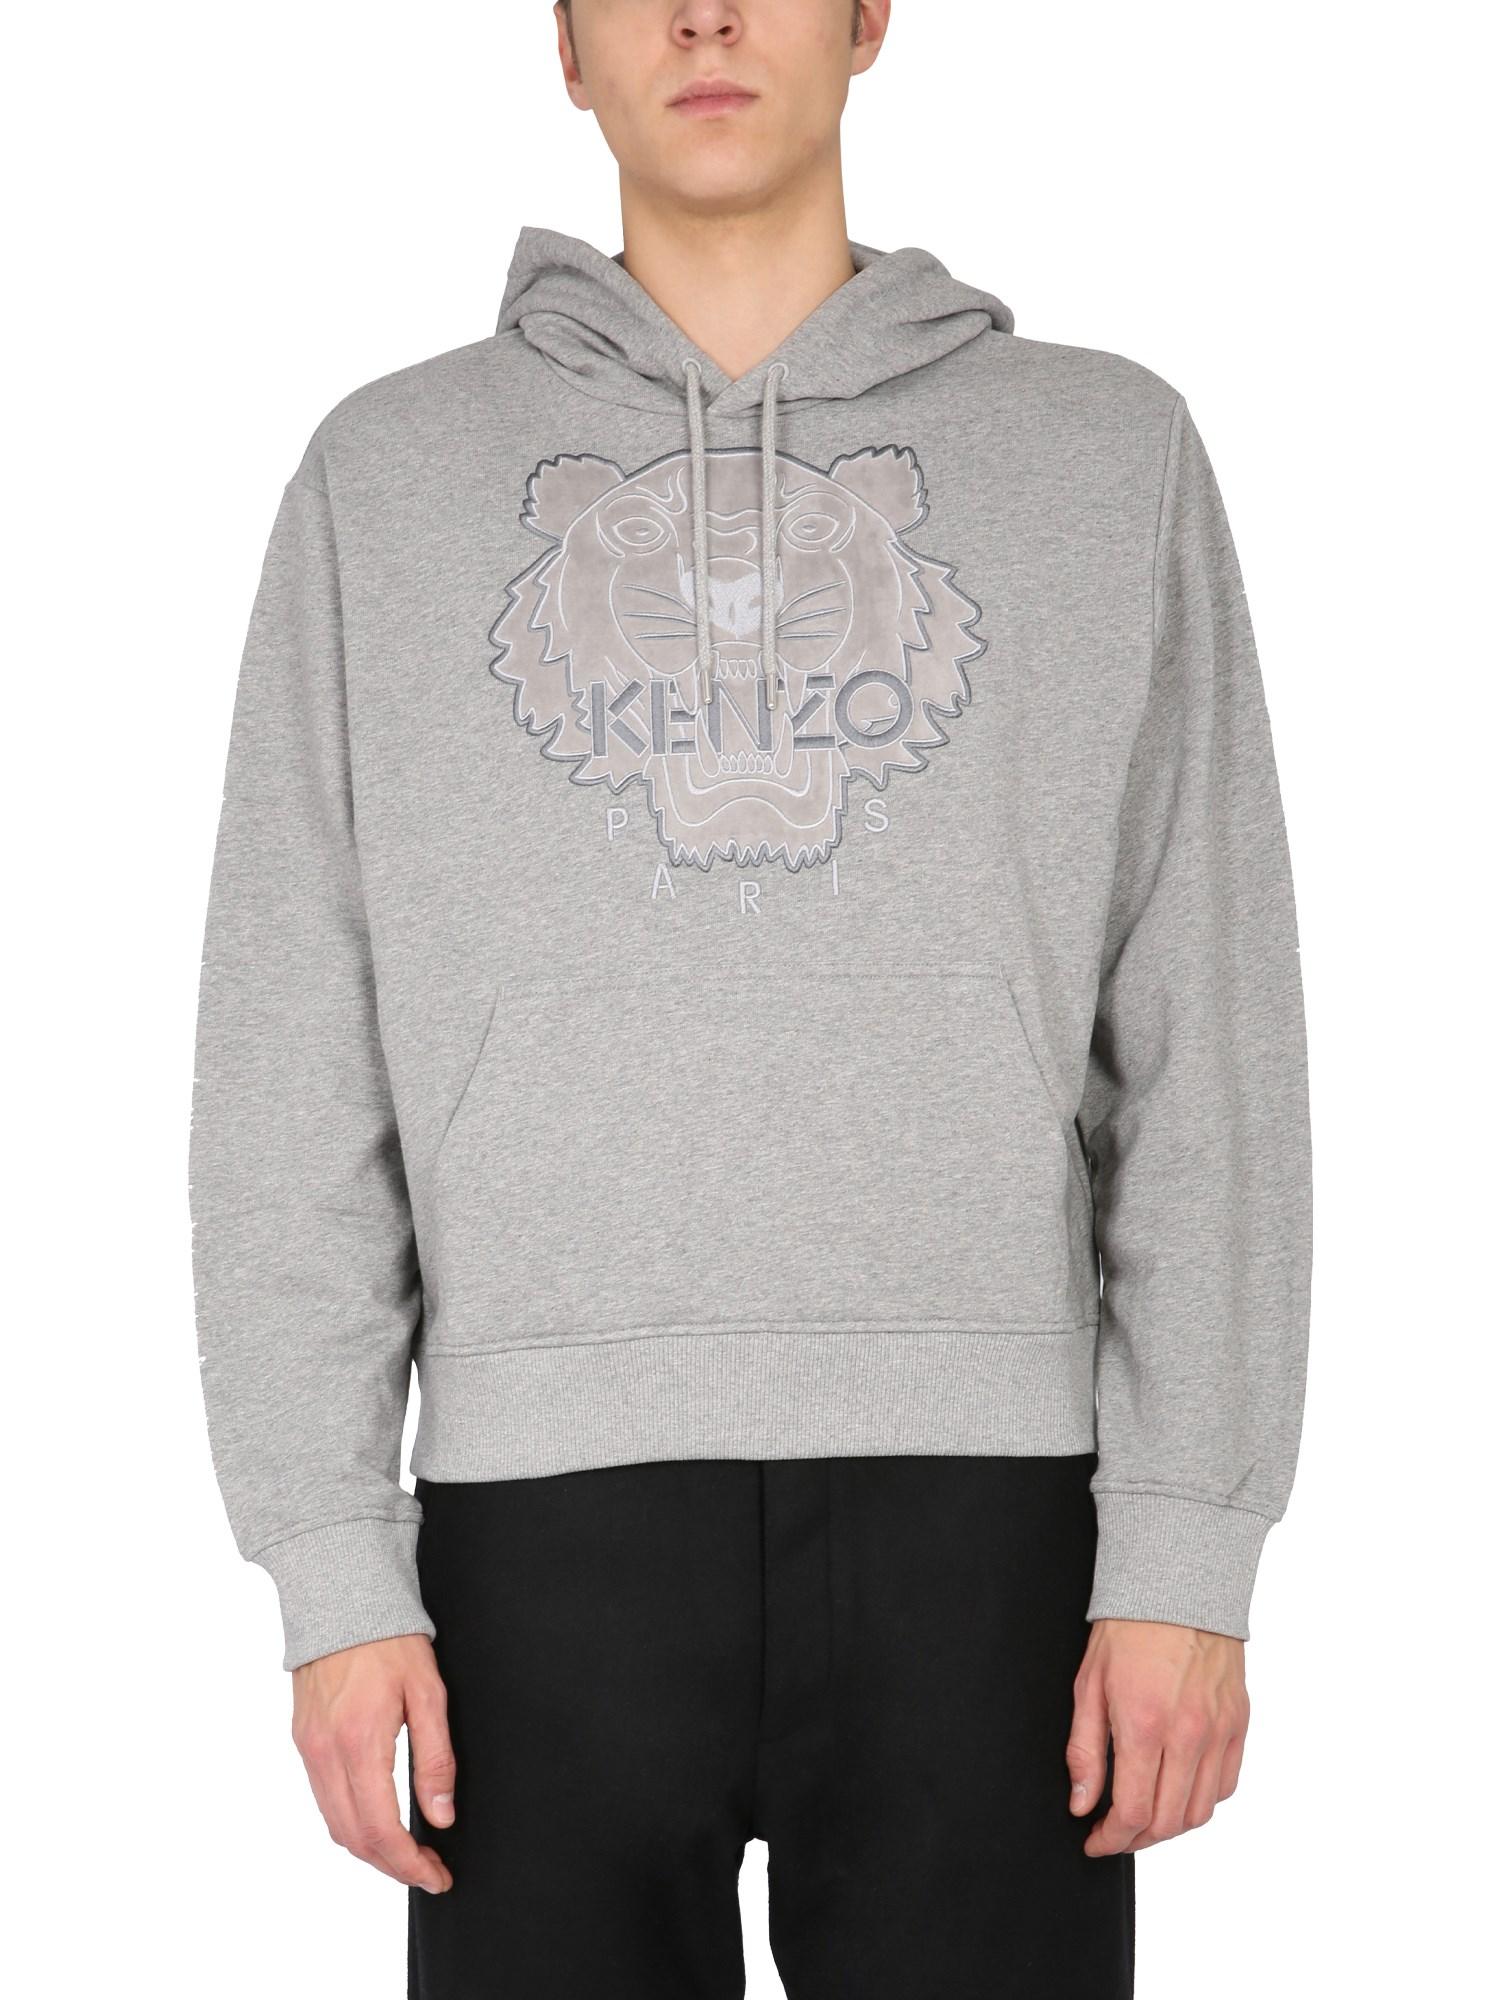 Kenzo Clothing FELPA CON CAPPUCCIO